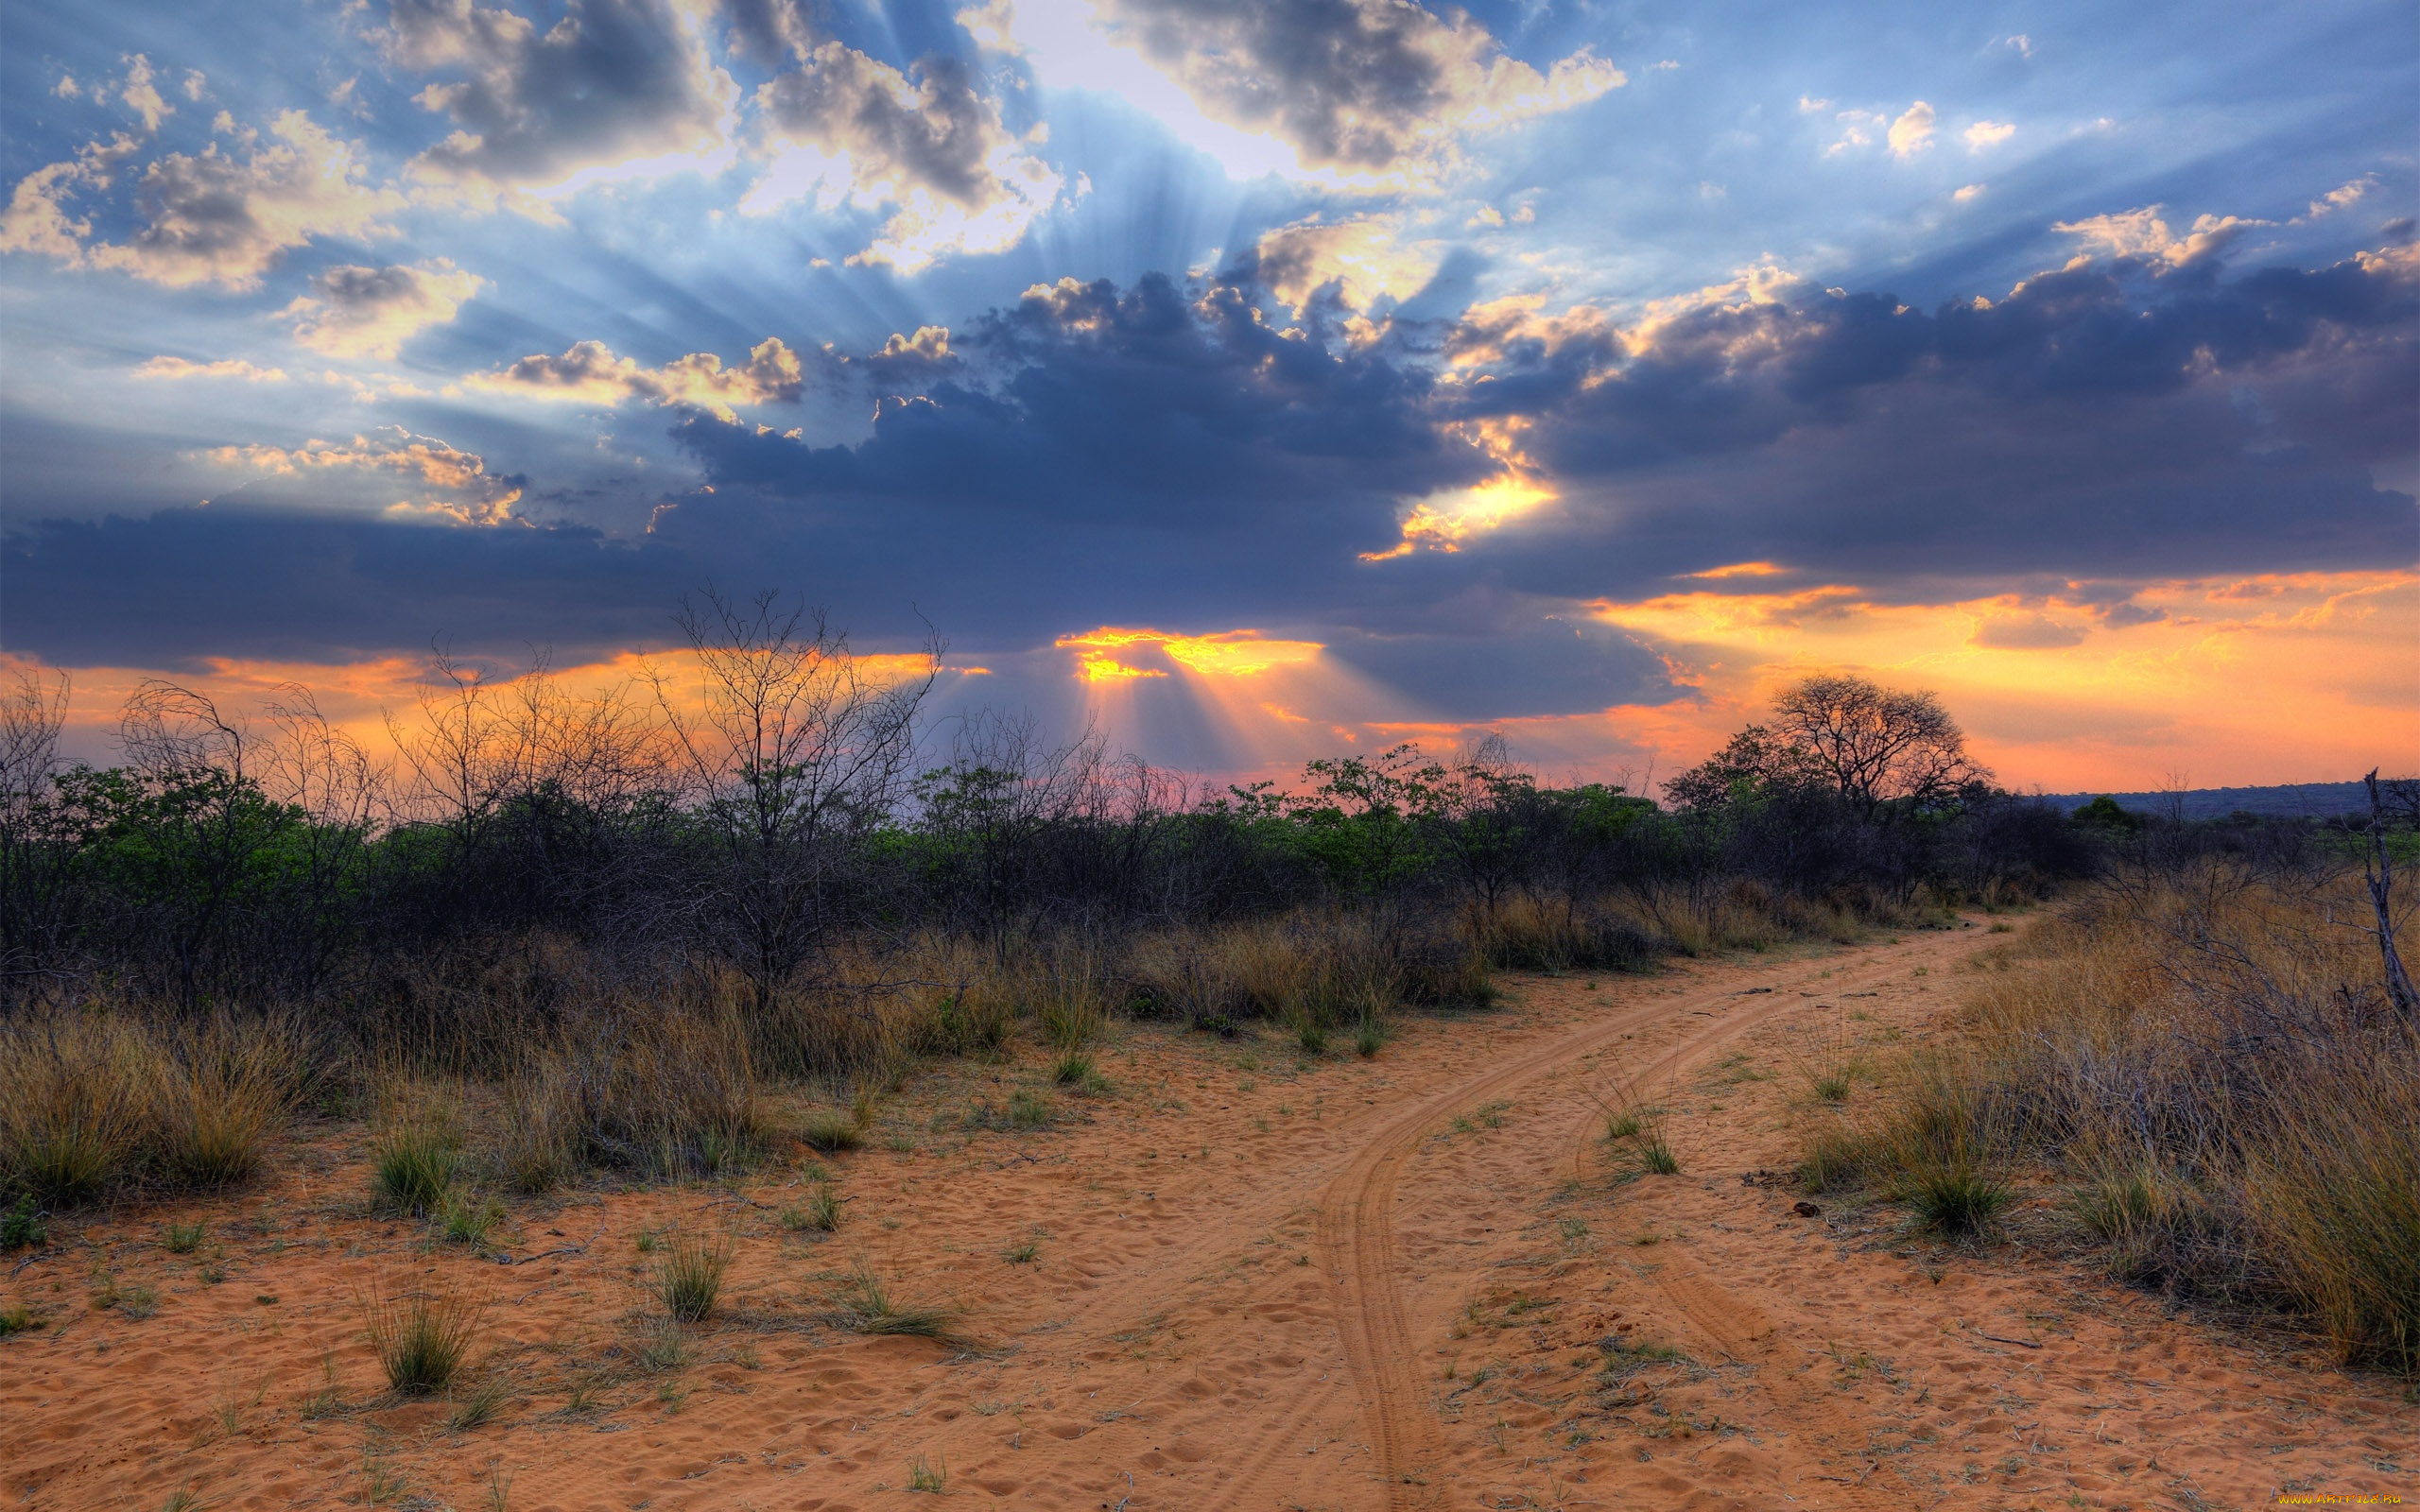 природа Намибия Африка пейзаж река скачать